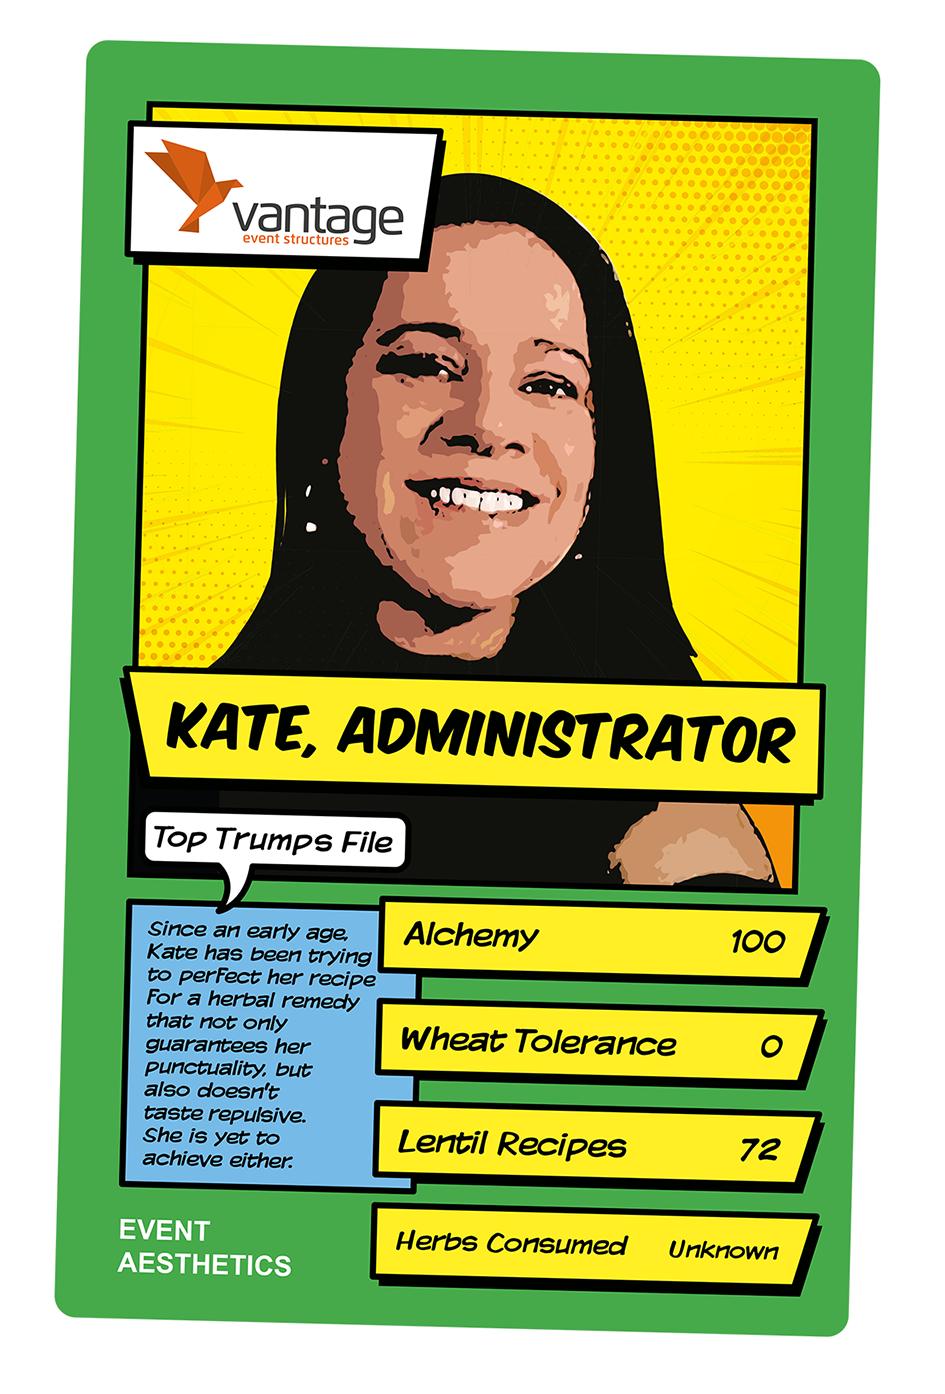 Top Trumps card design